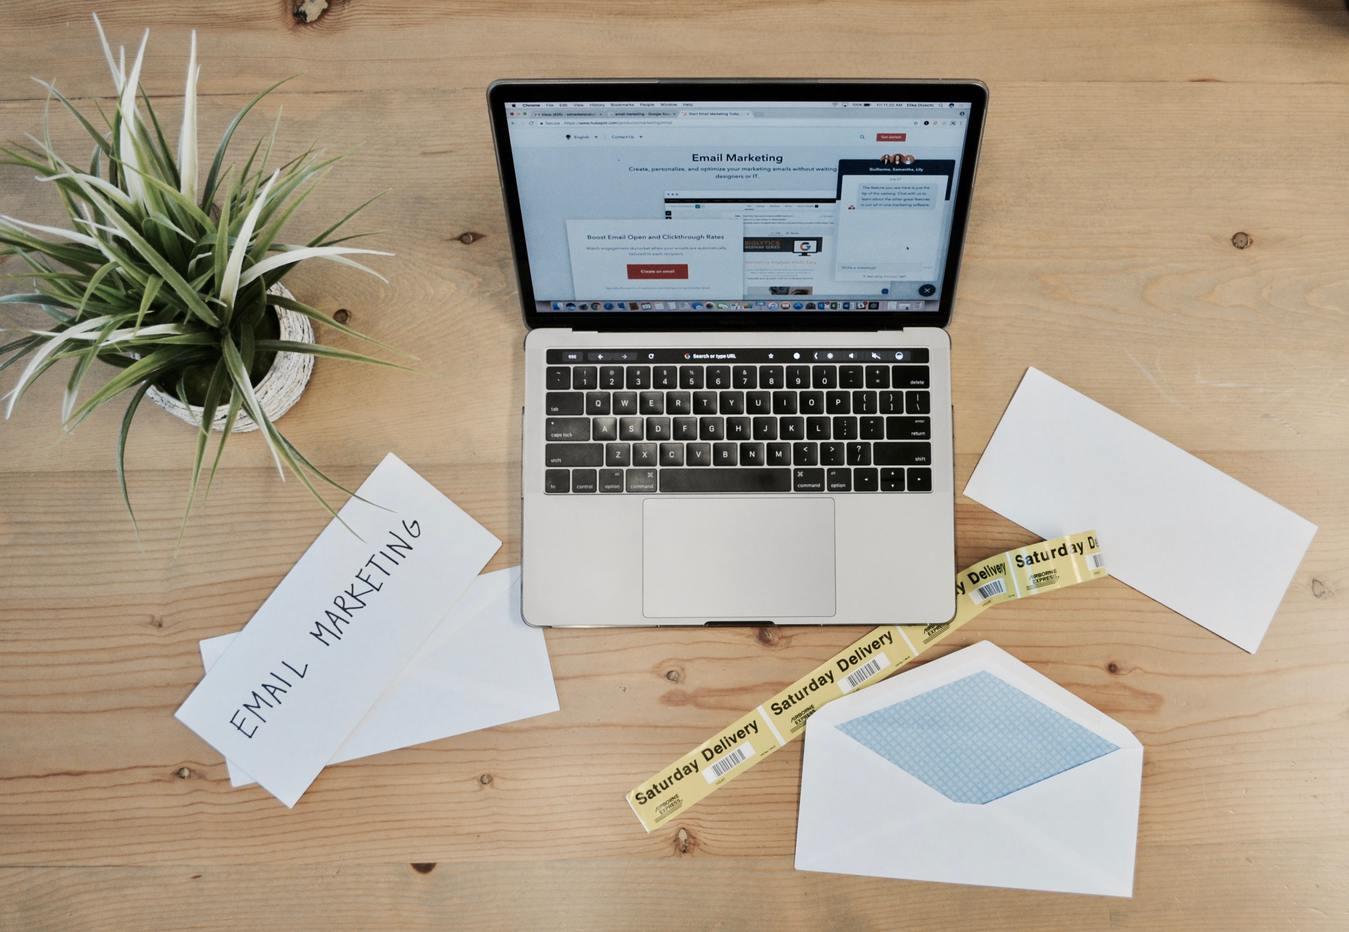 Cara mendapatkan uang dari internet melalui email marketing